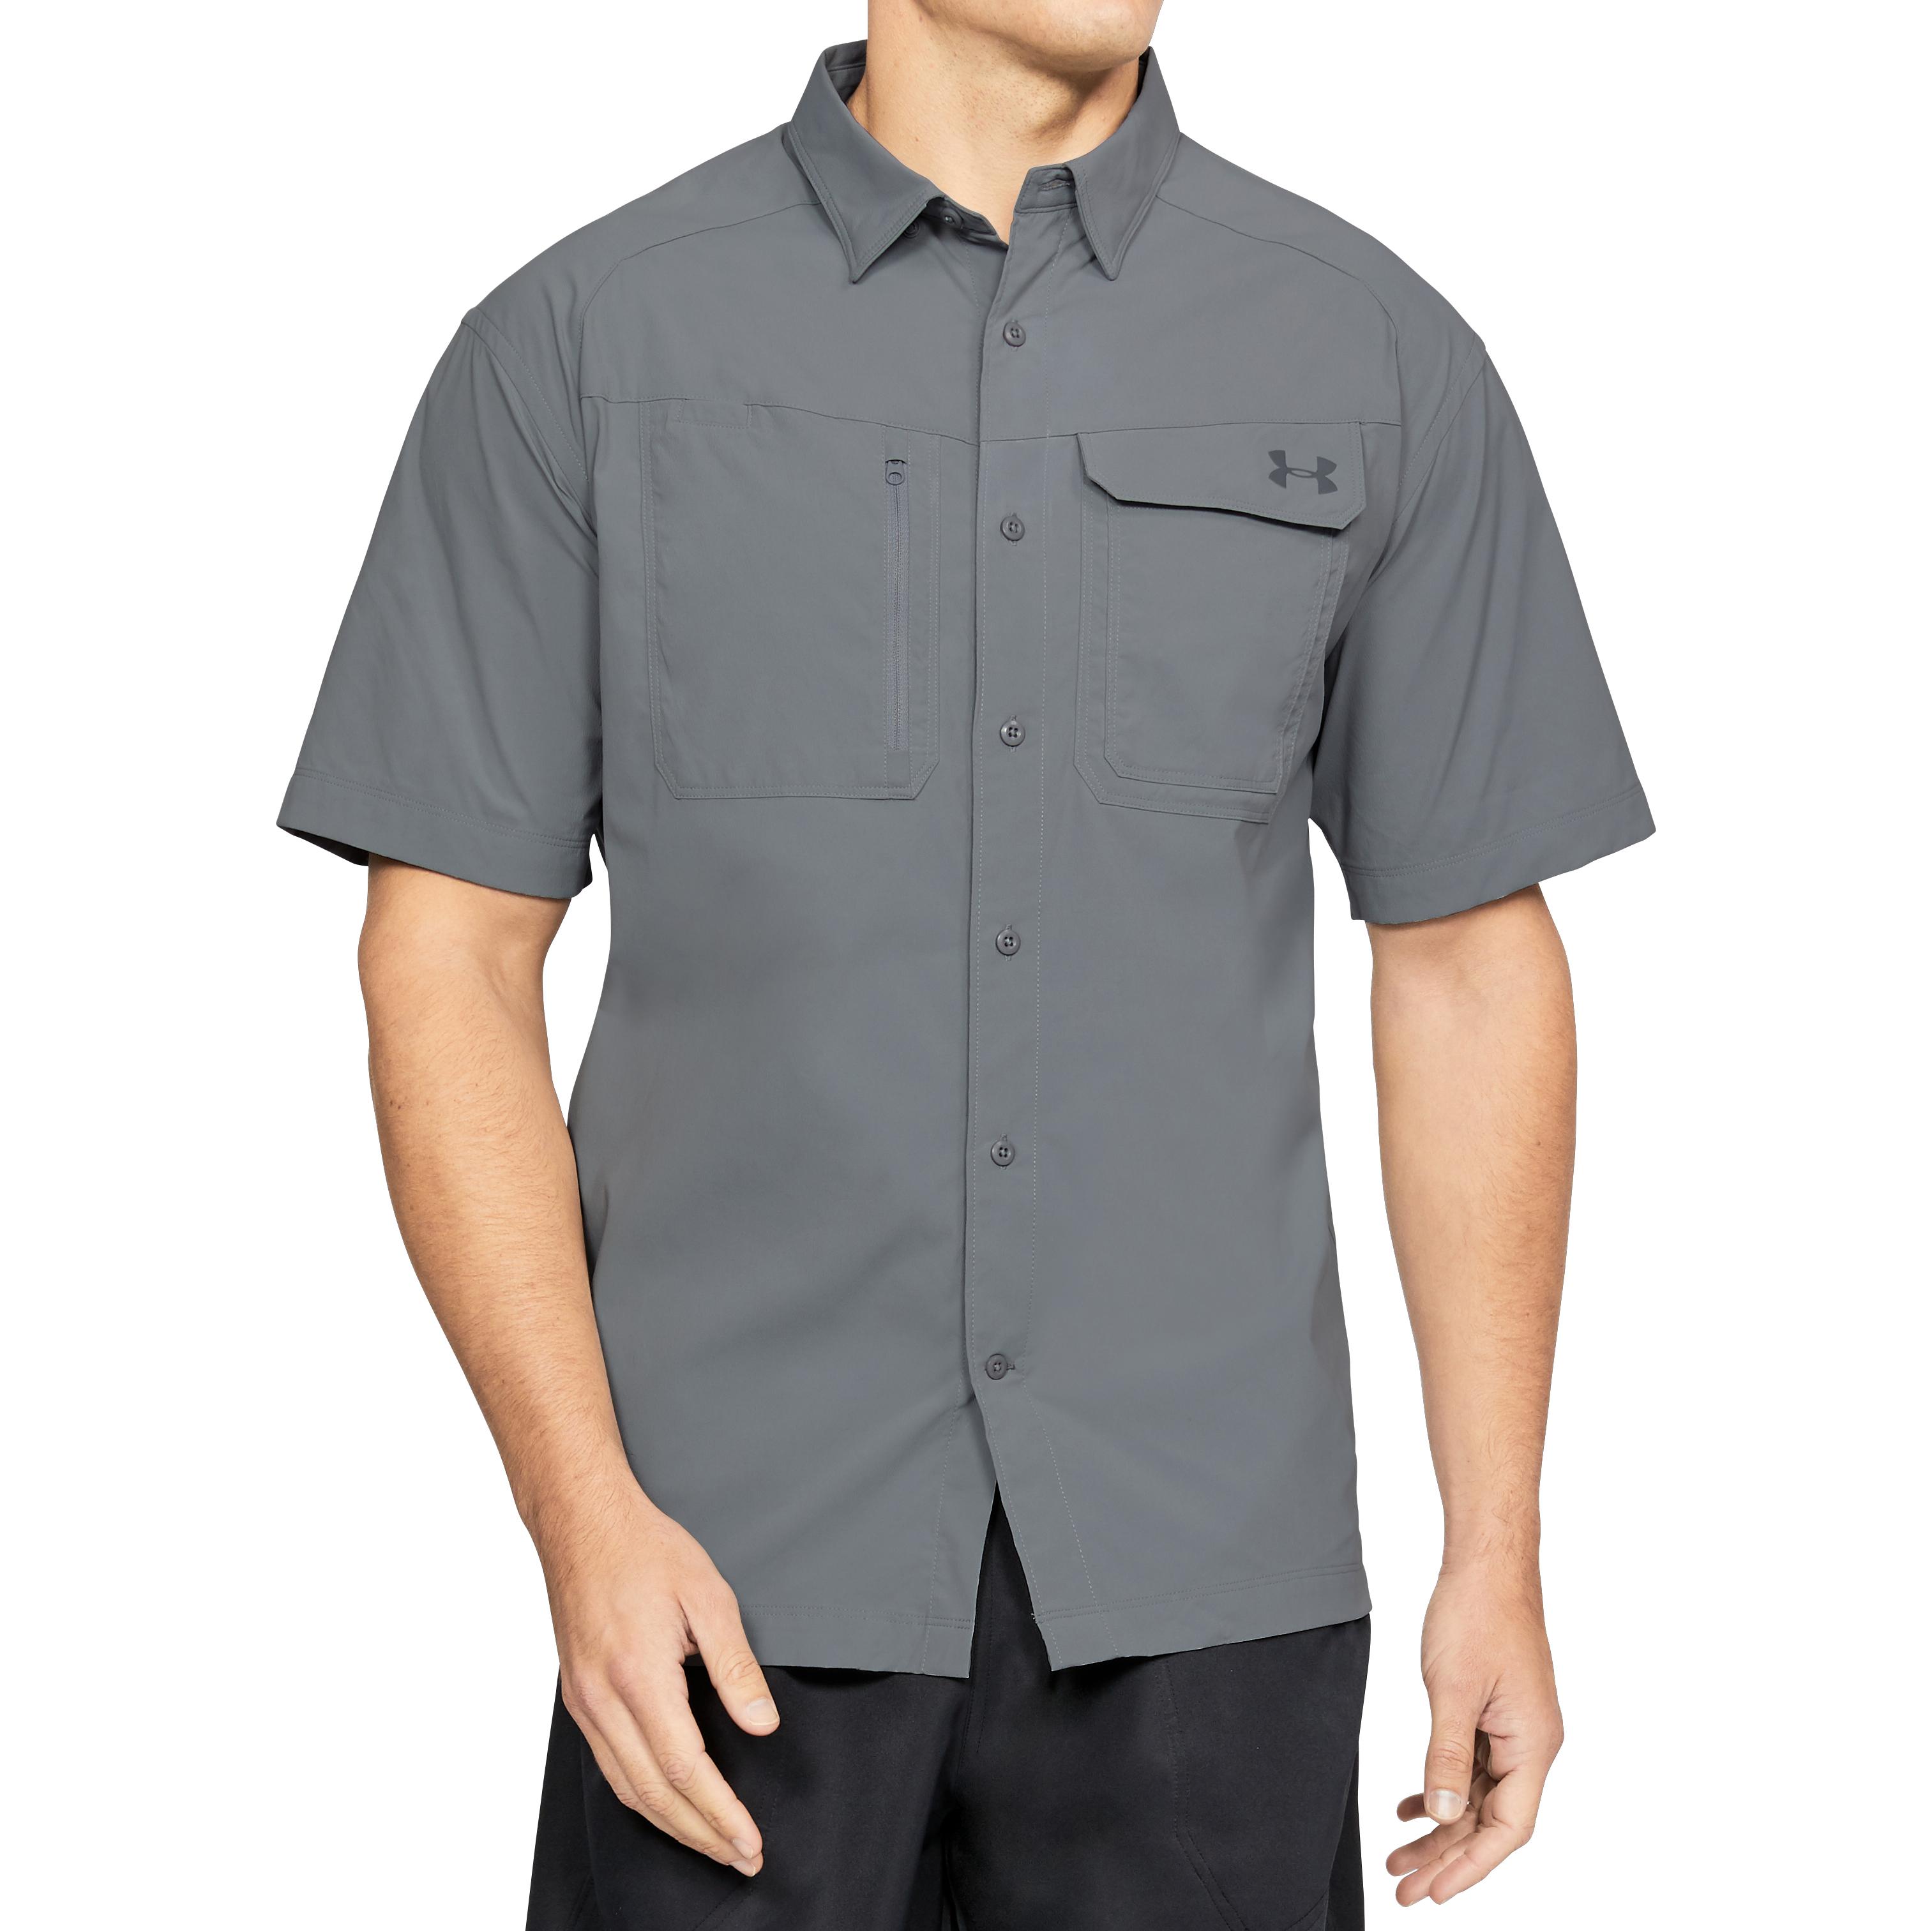 9a2d8e84412 Woolrich Mens Fleece Lined Denim Shirt - BCD Tofu House